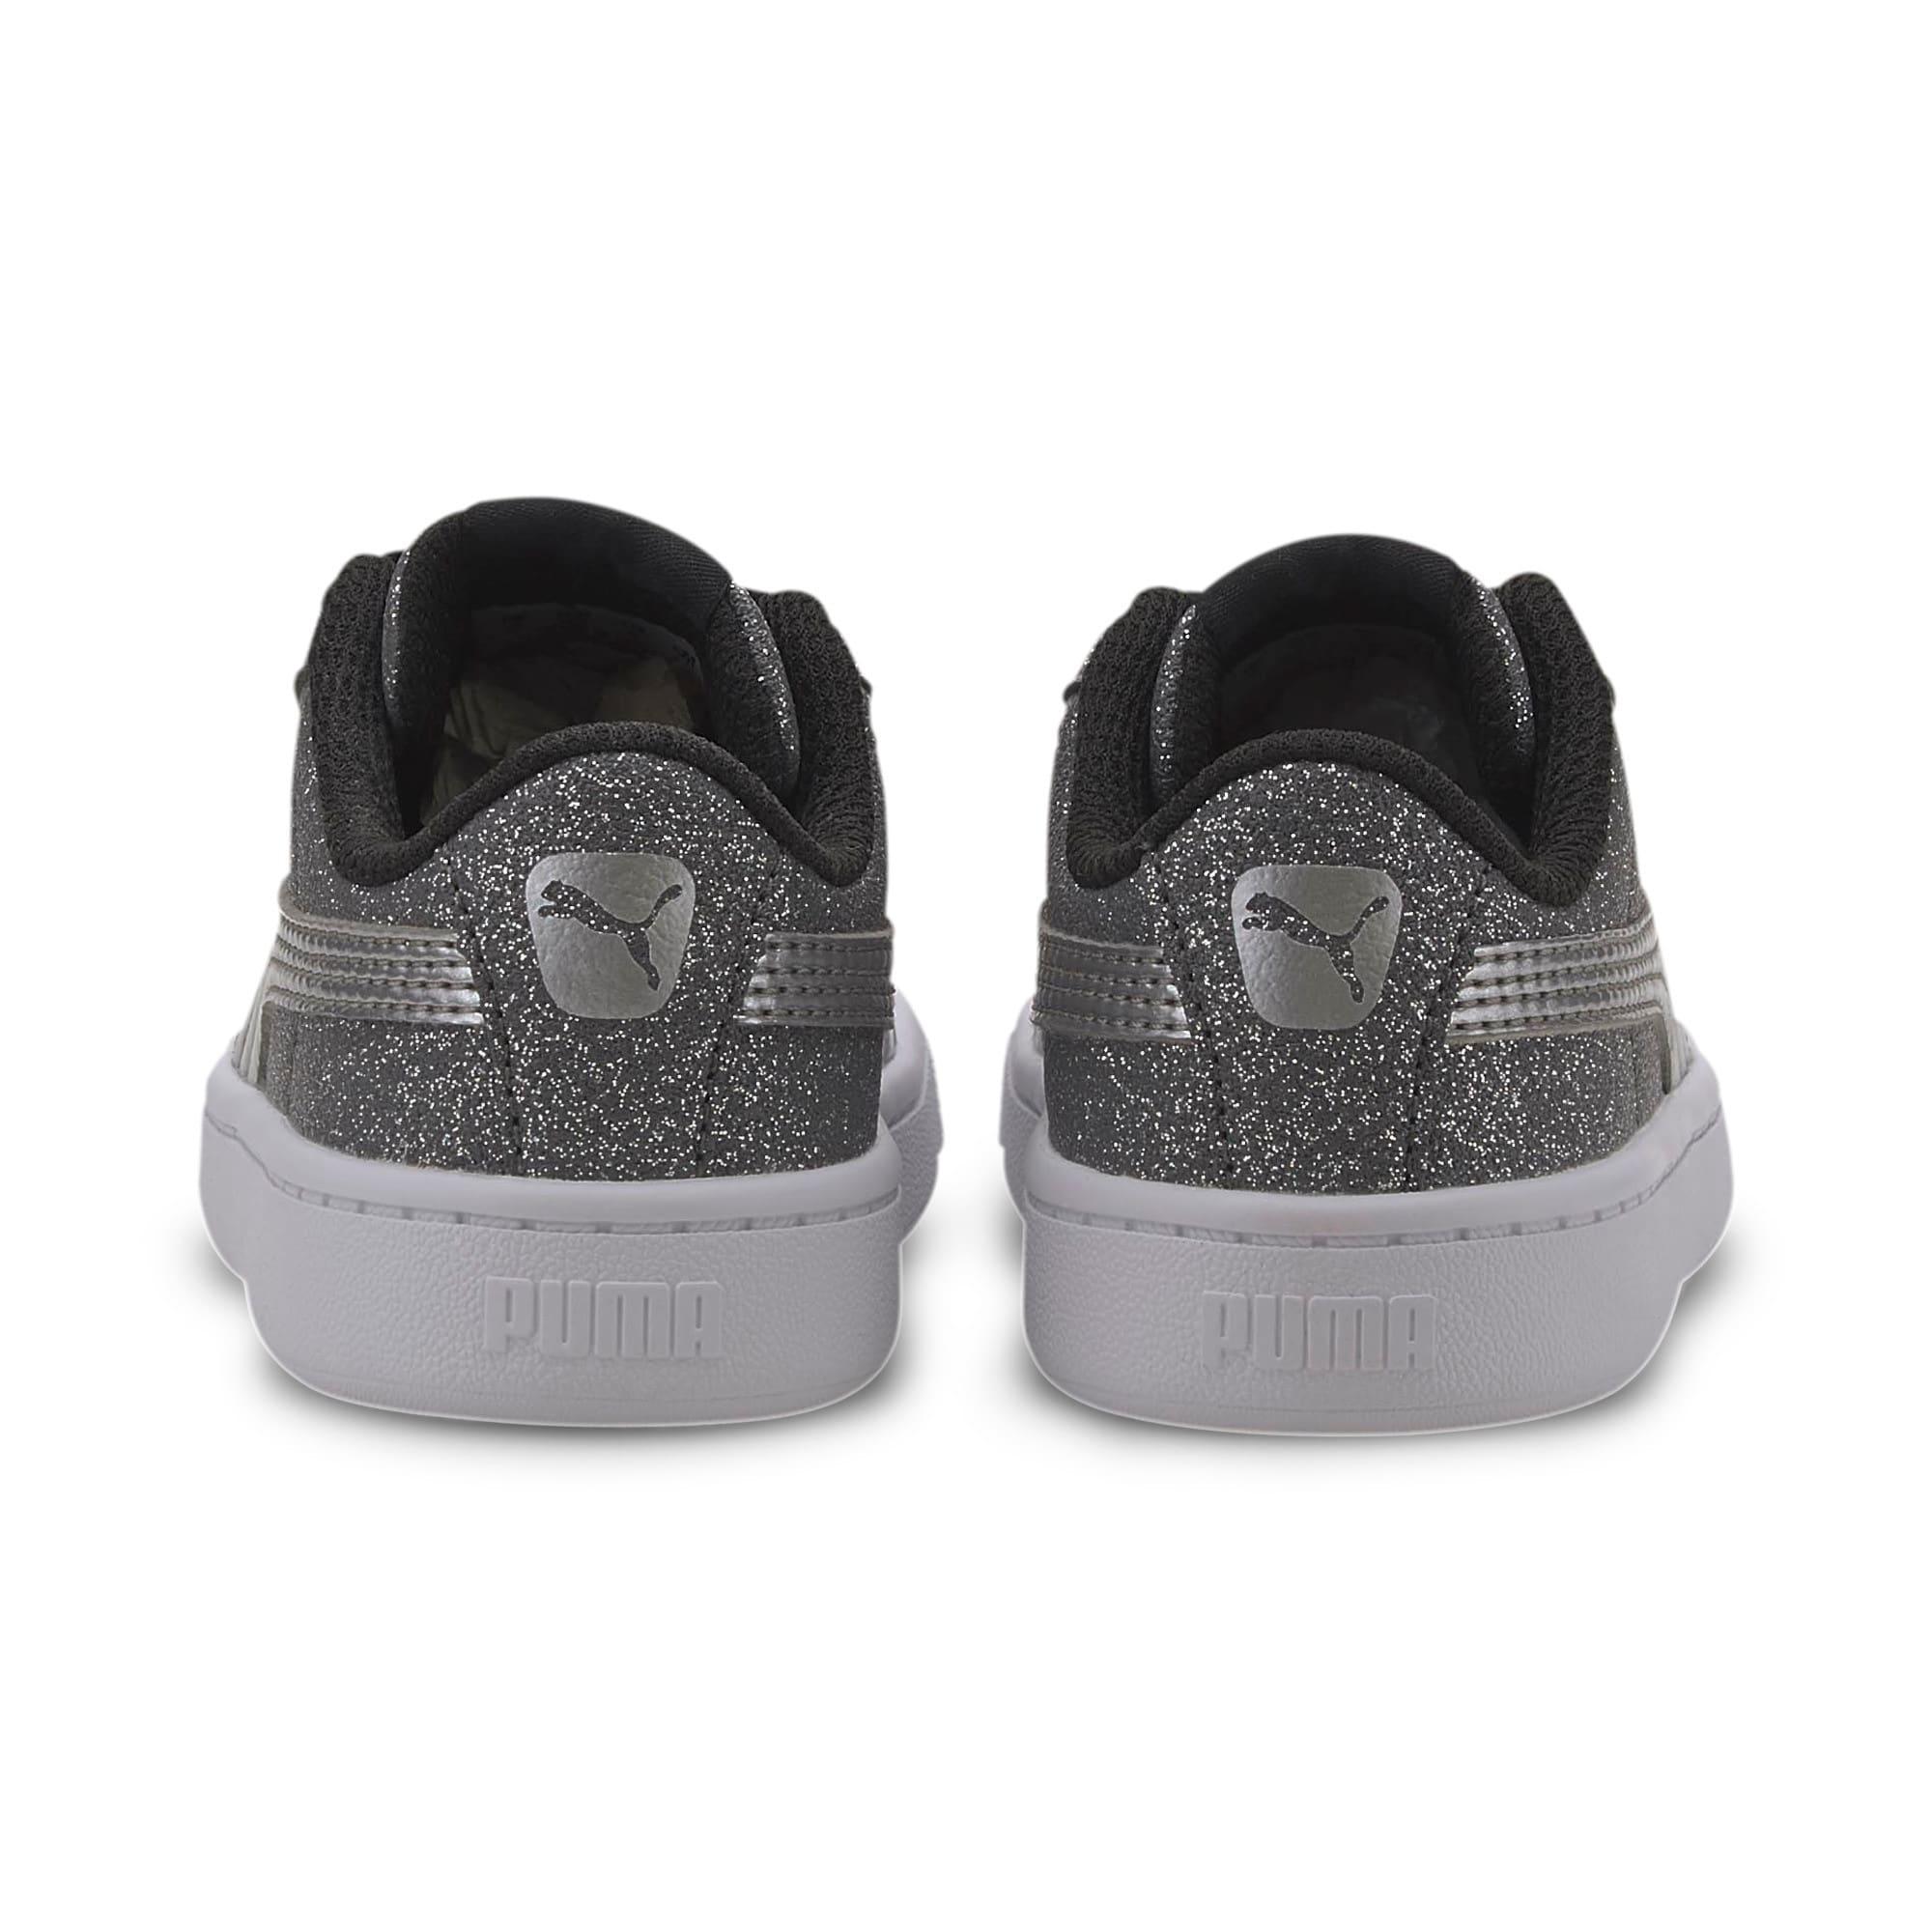 Miniatura 3 de Zapatos deportivos PUMA Vikky v2 Glitz AC INF, Puma Black-Silver-White, mediano